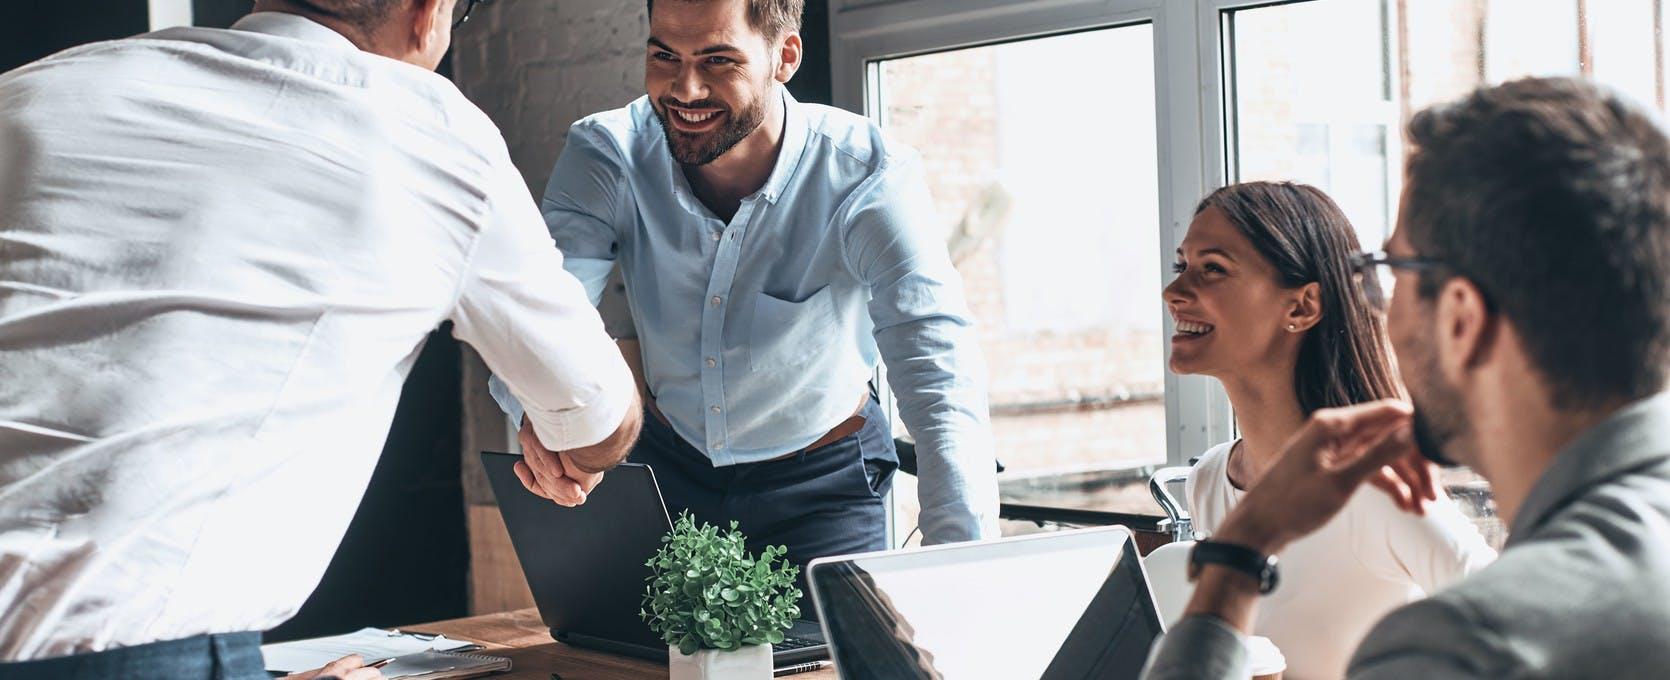 Handshake at a meeting